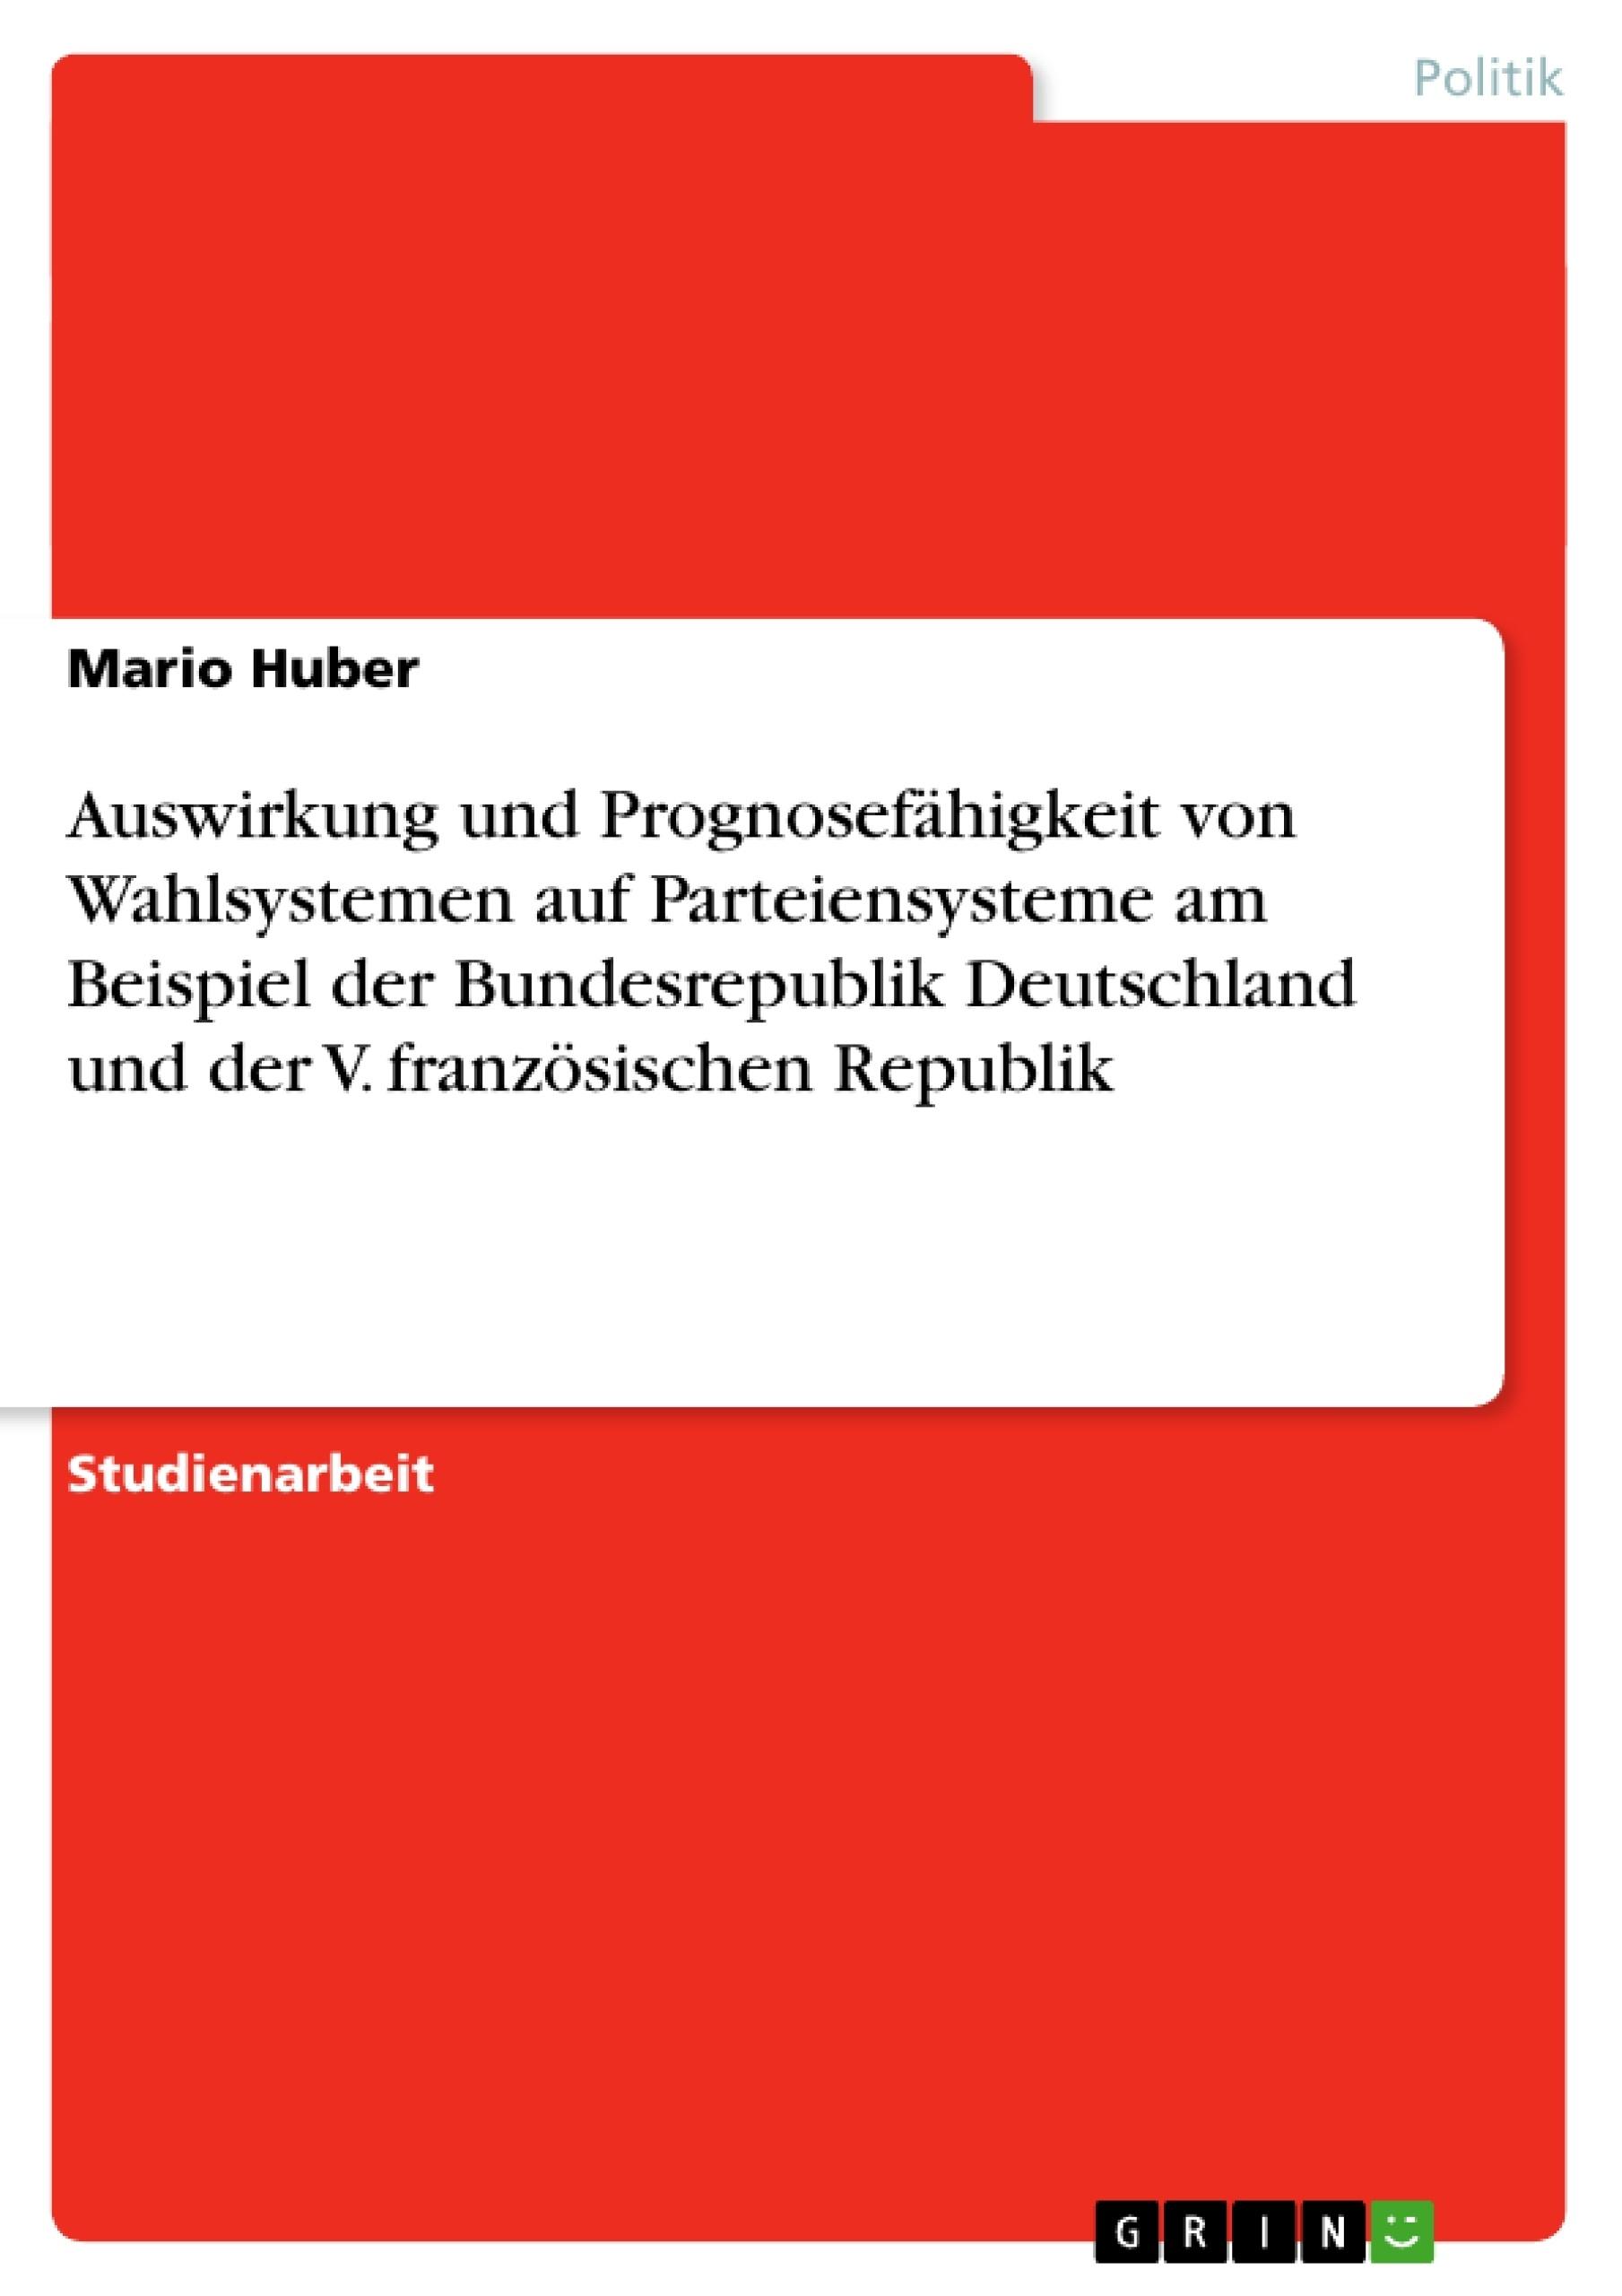 Titel: Auswirkung und Prognosefähigkeit von Wahlsystemen auf Parteiensysteme am Beispiel der Bundesrepublik Deutschland und der V. französischen Republik